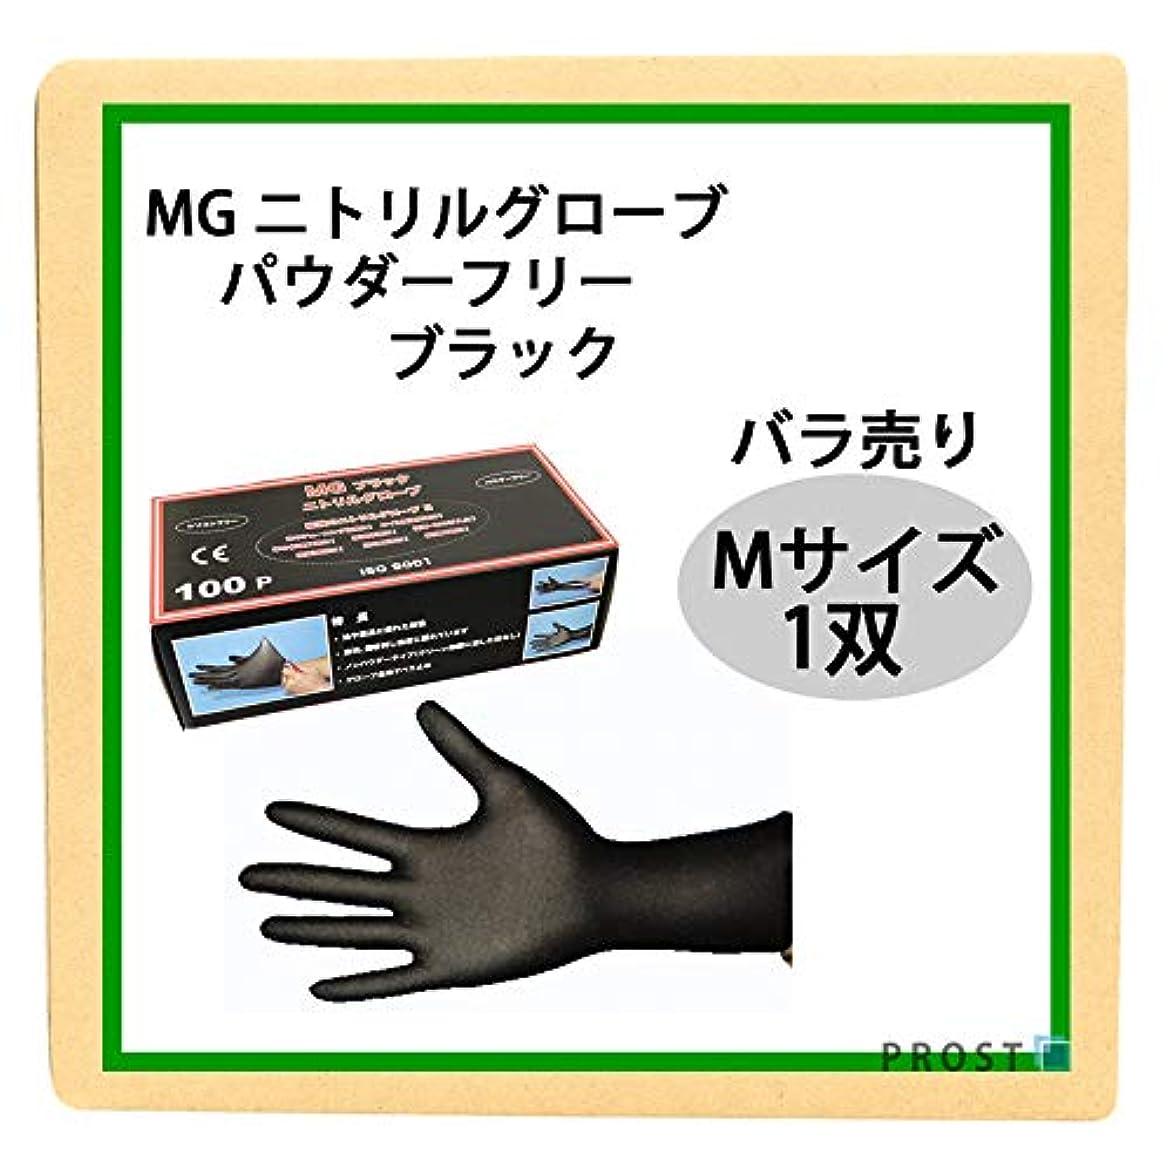 磁器プロフィール谷MG ニトリルグローブ ブラック パウダー フリー Mサイズ 1双/ニトリル手袋 ゴム手袋 塗装 オイル ニトリルゴム